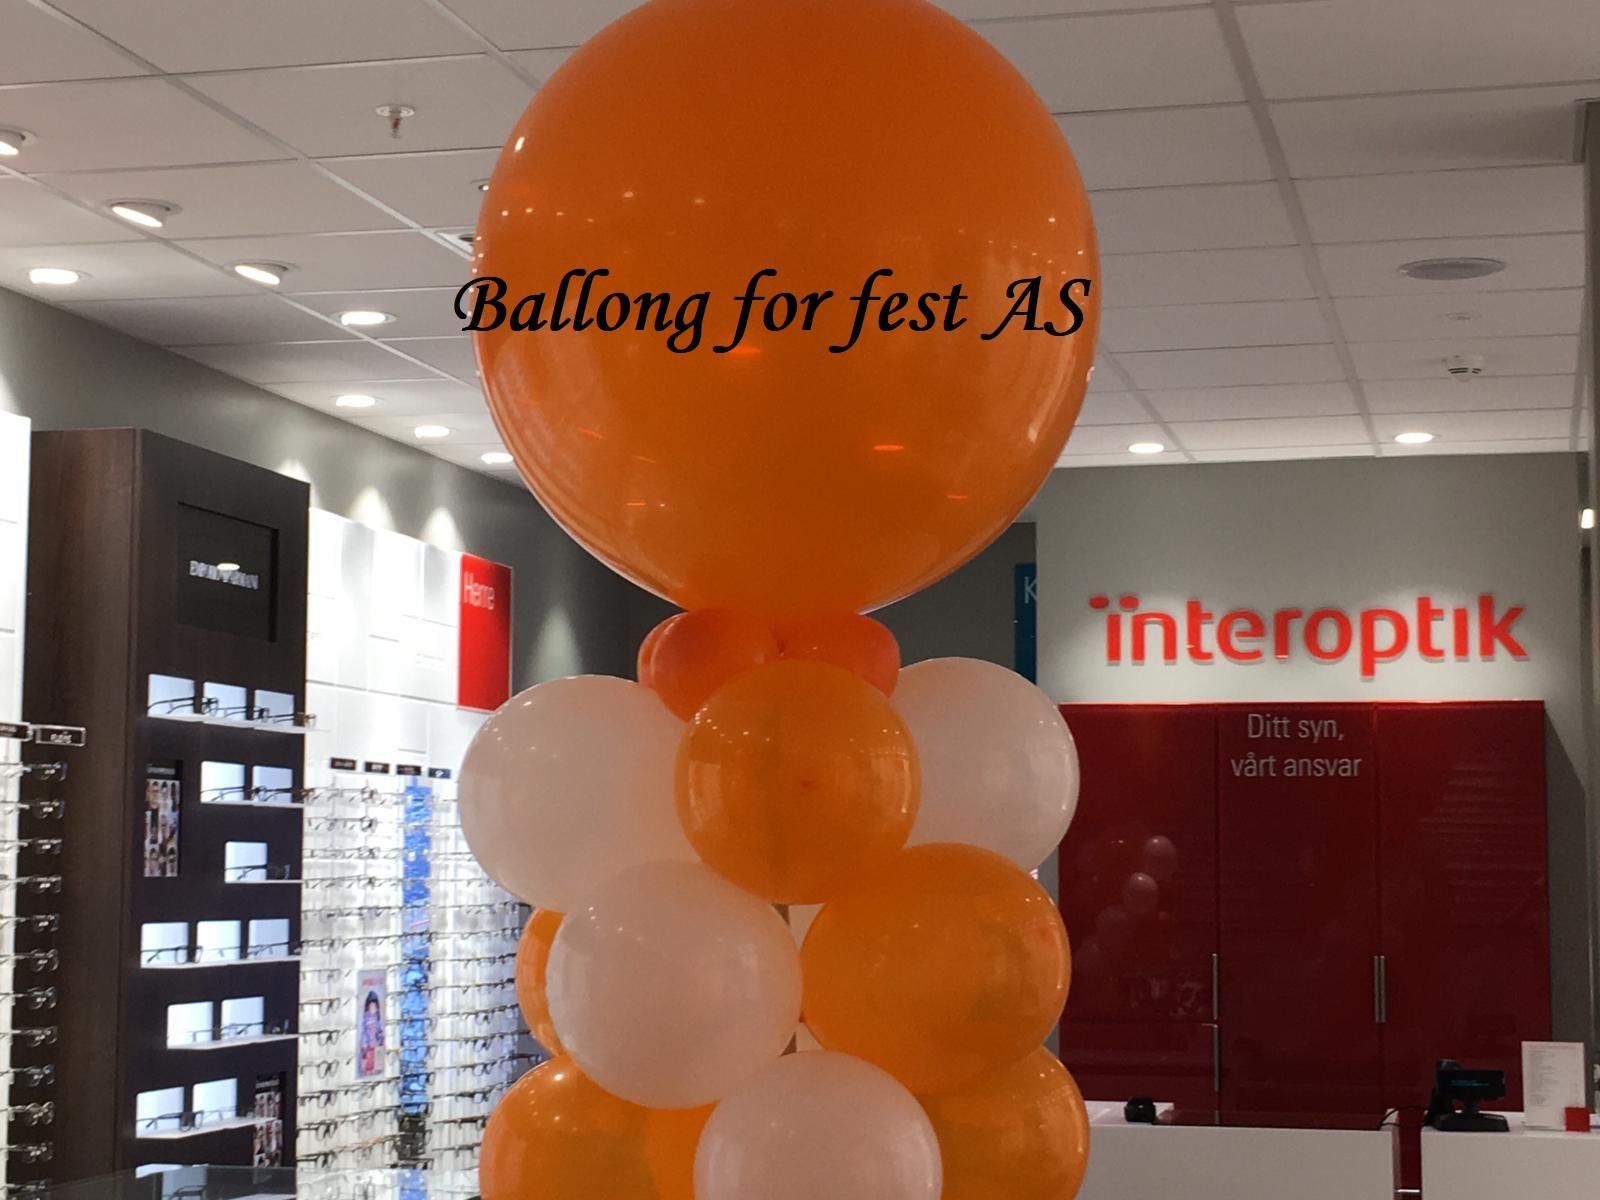 Ballong for fest (1)